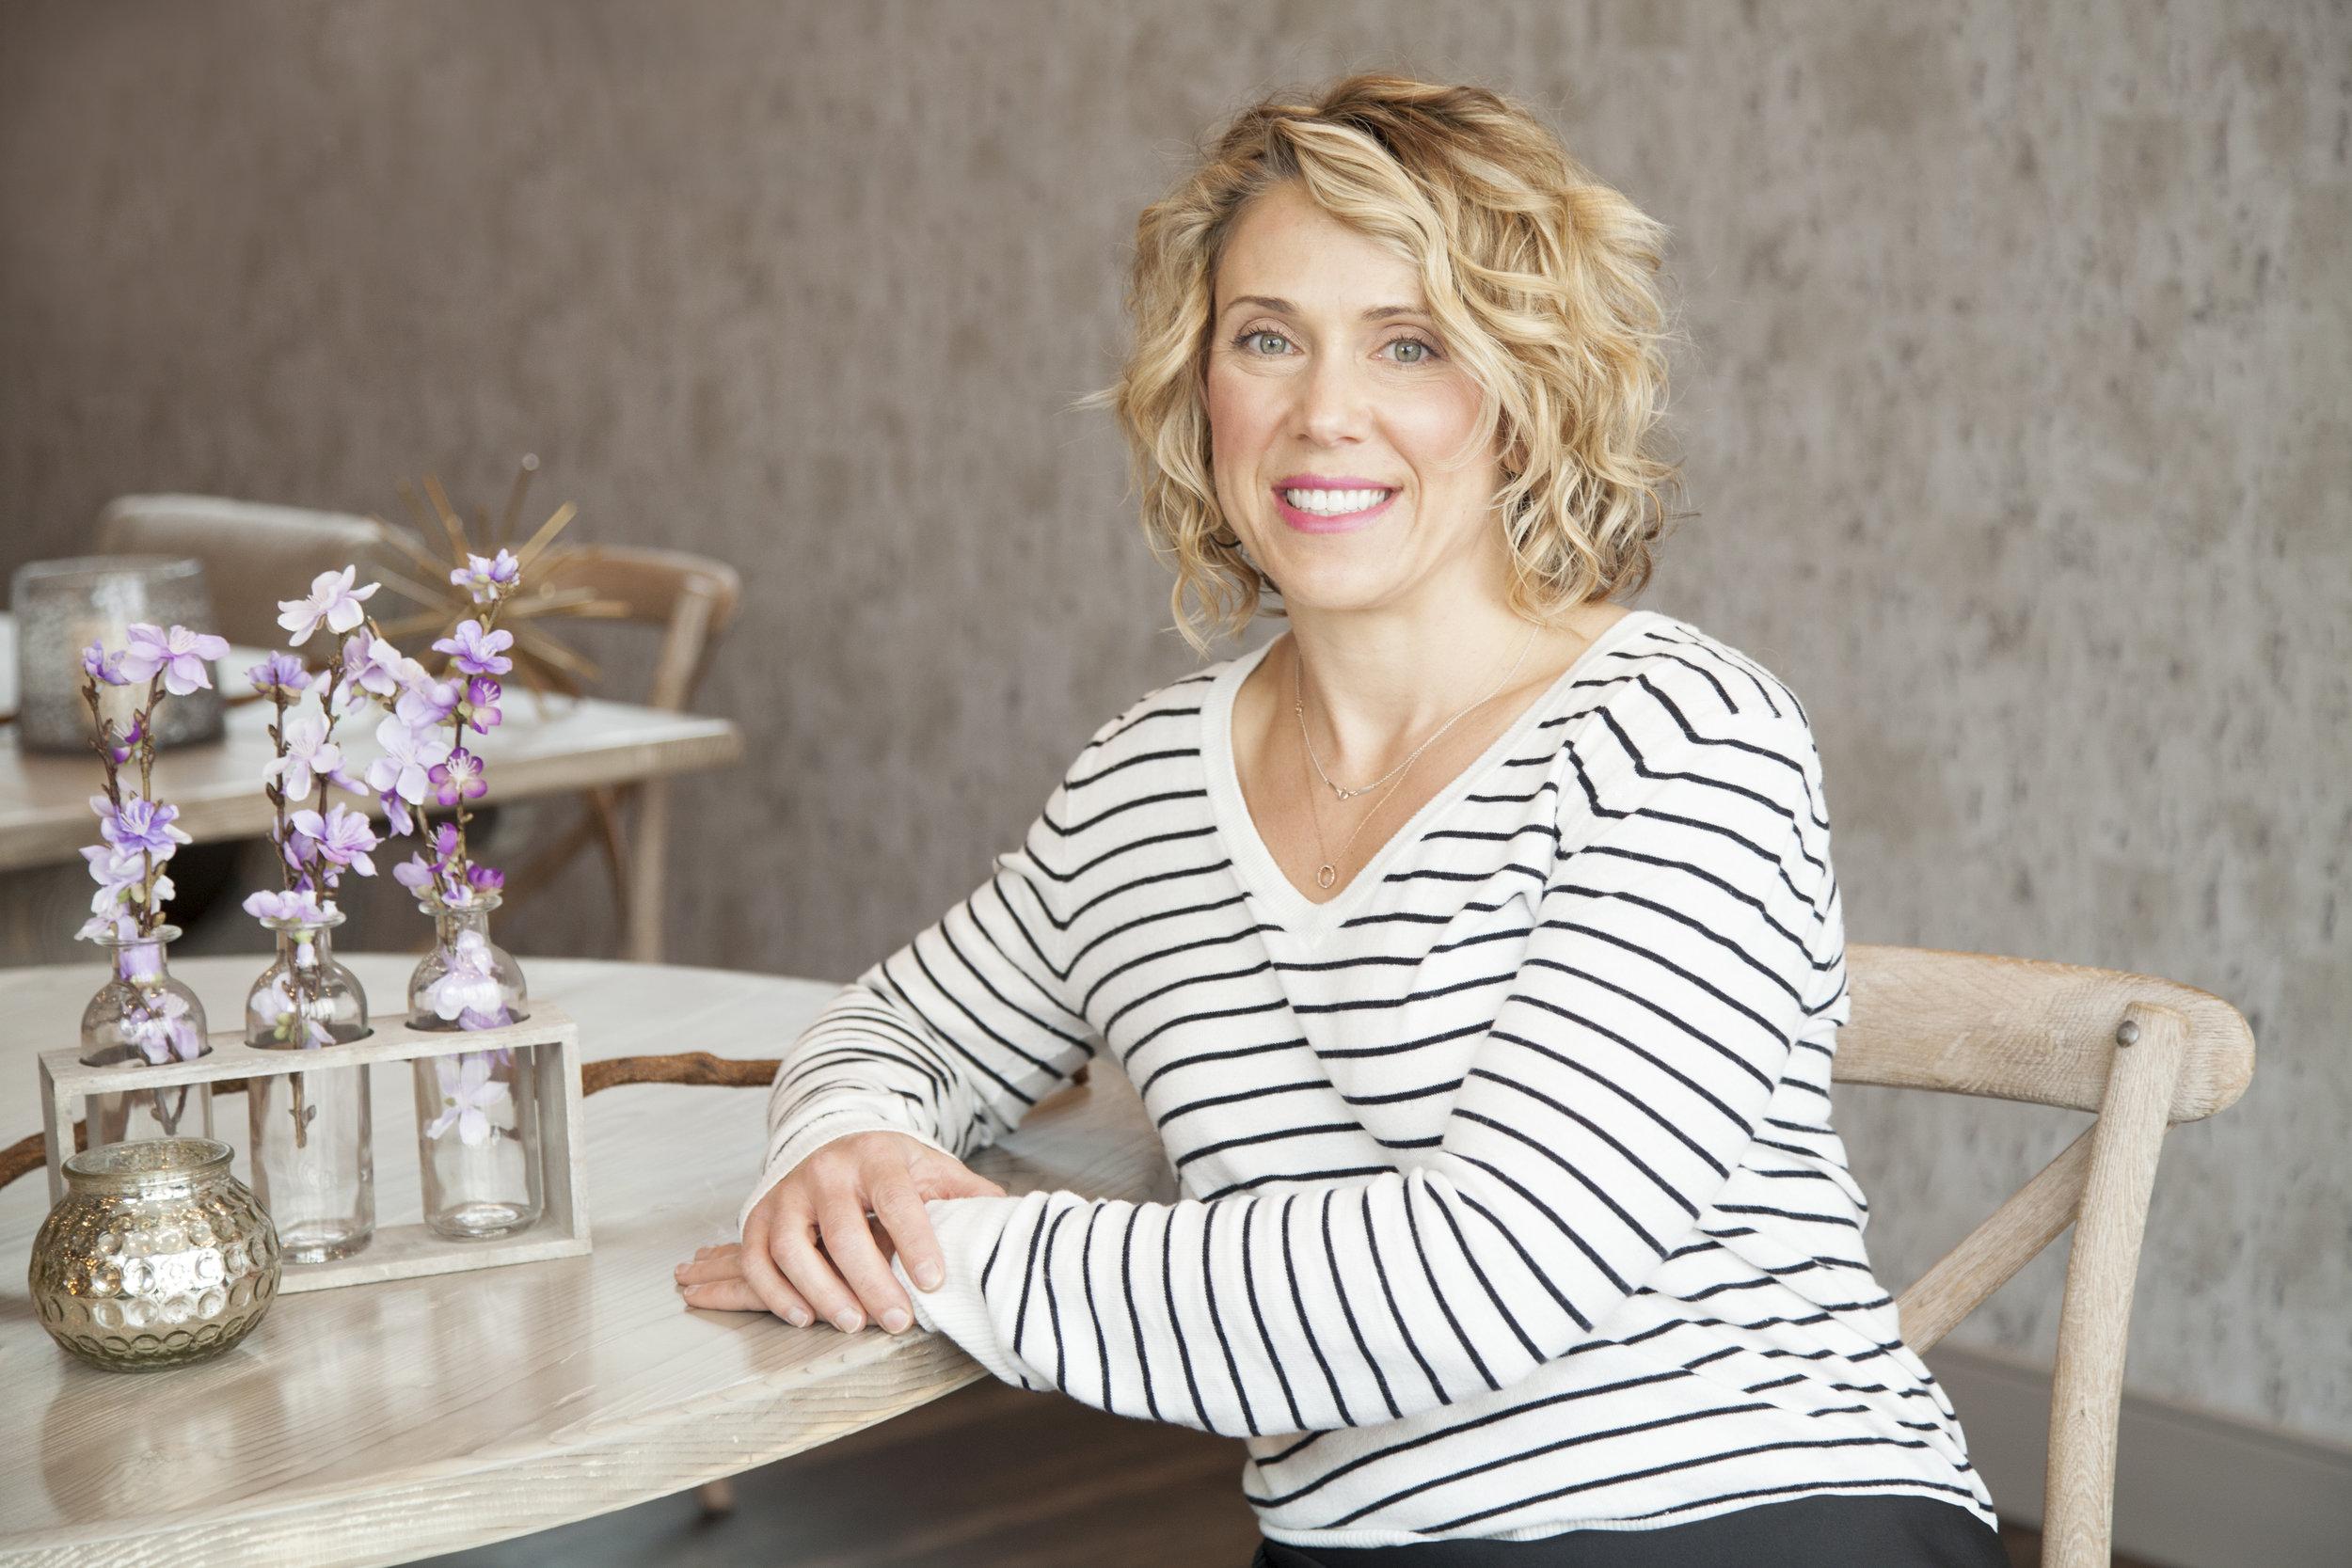 Erin DeCamella, Senior Hairstylist